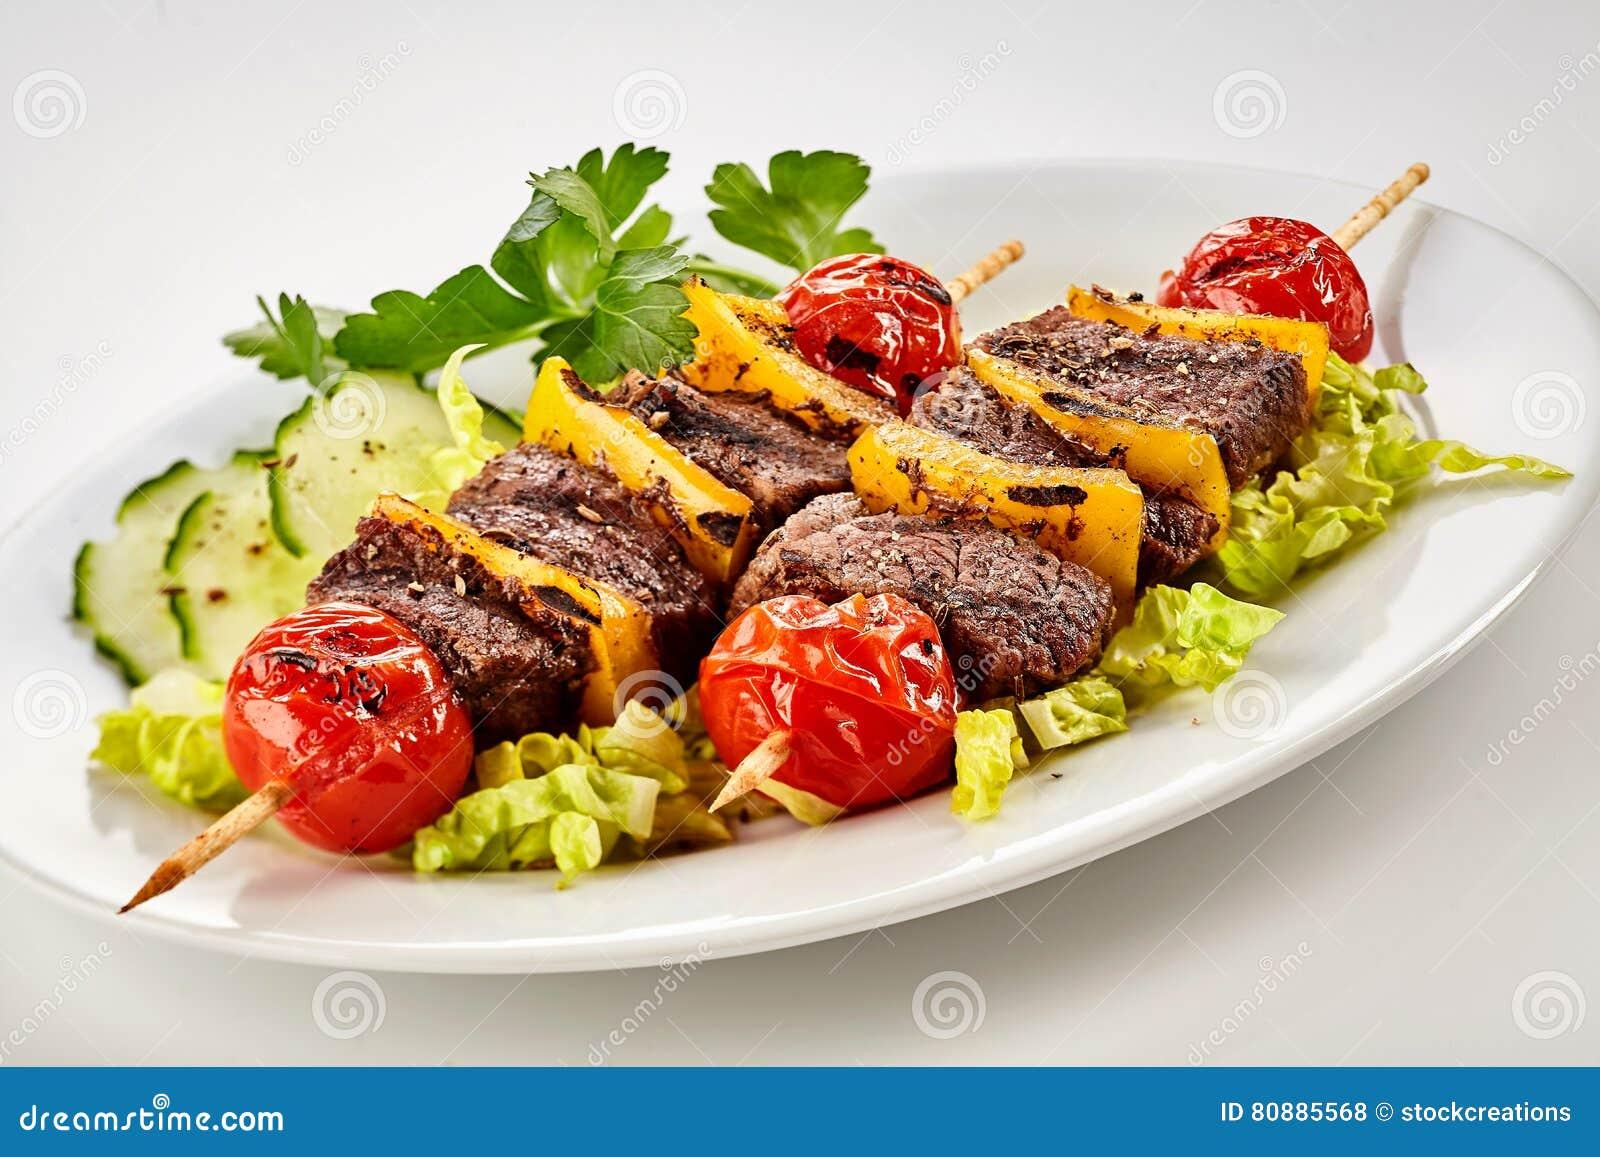 Geschmackvolle gegrillte marinierte Rindfleischkebabs